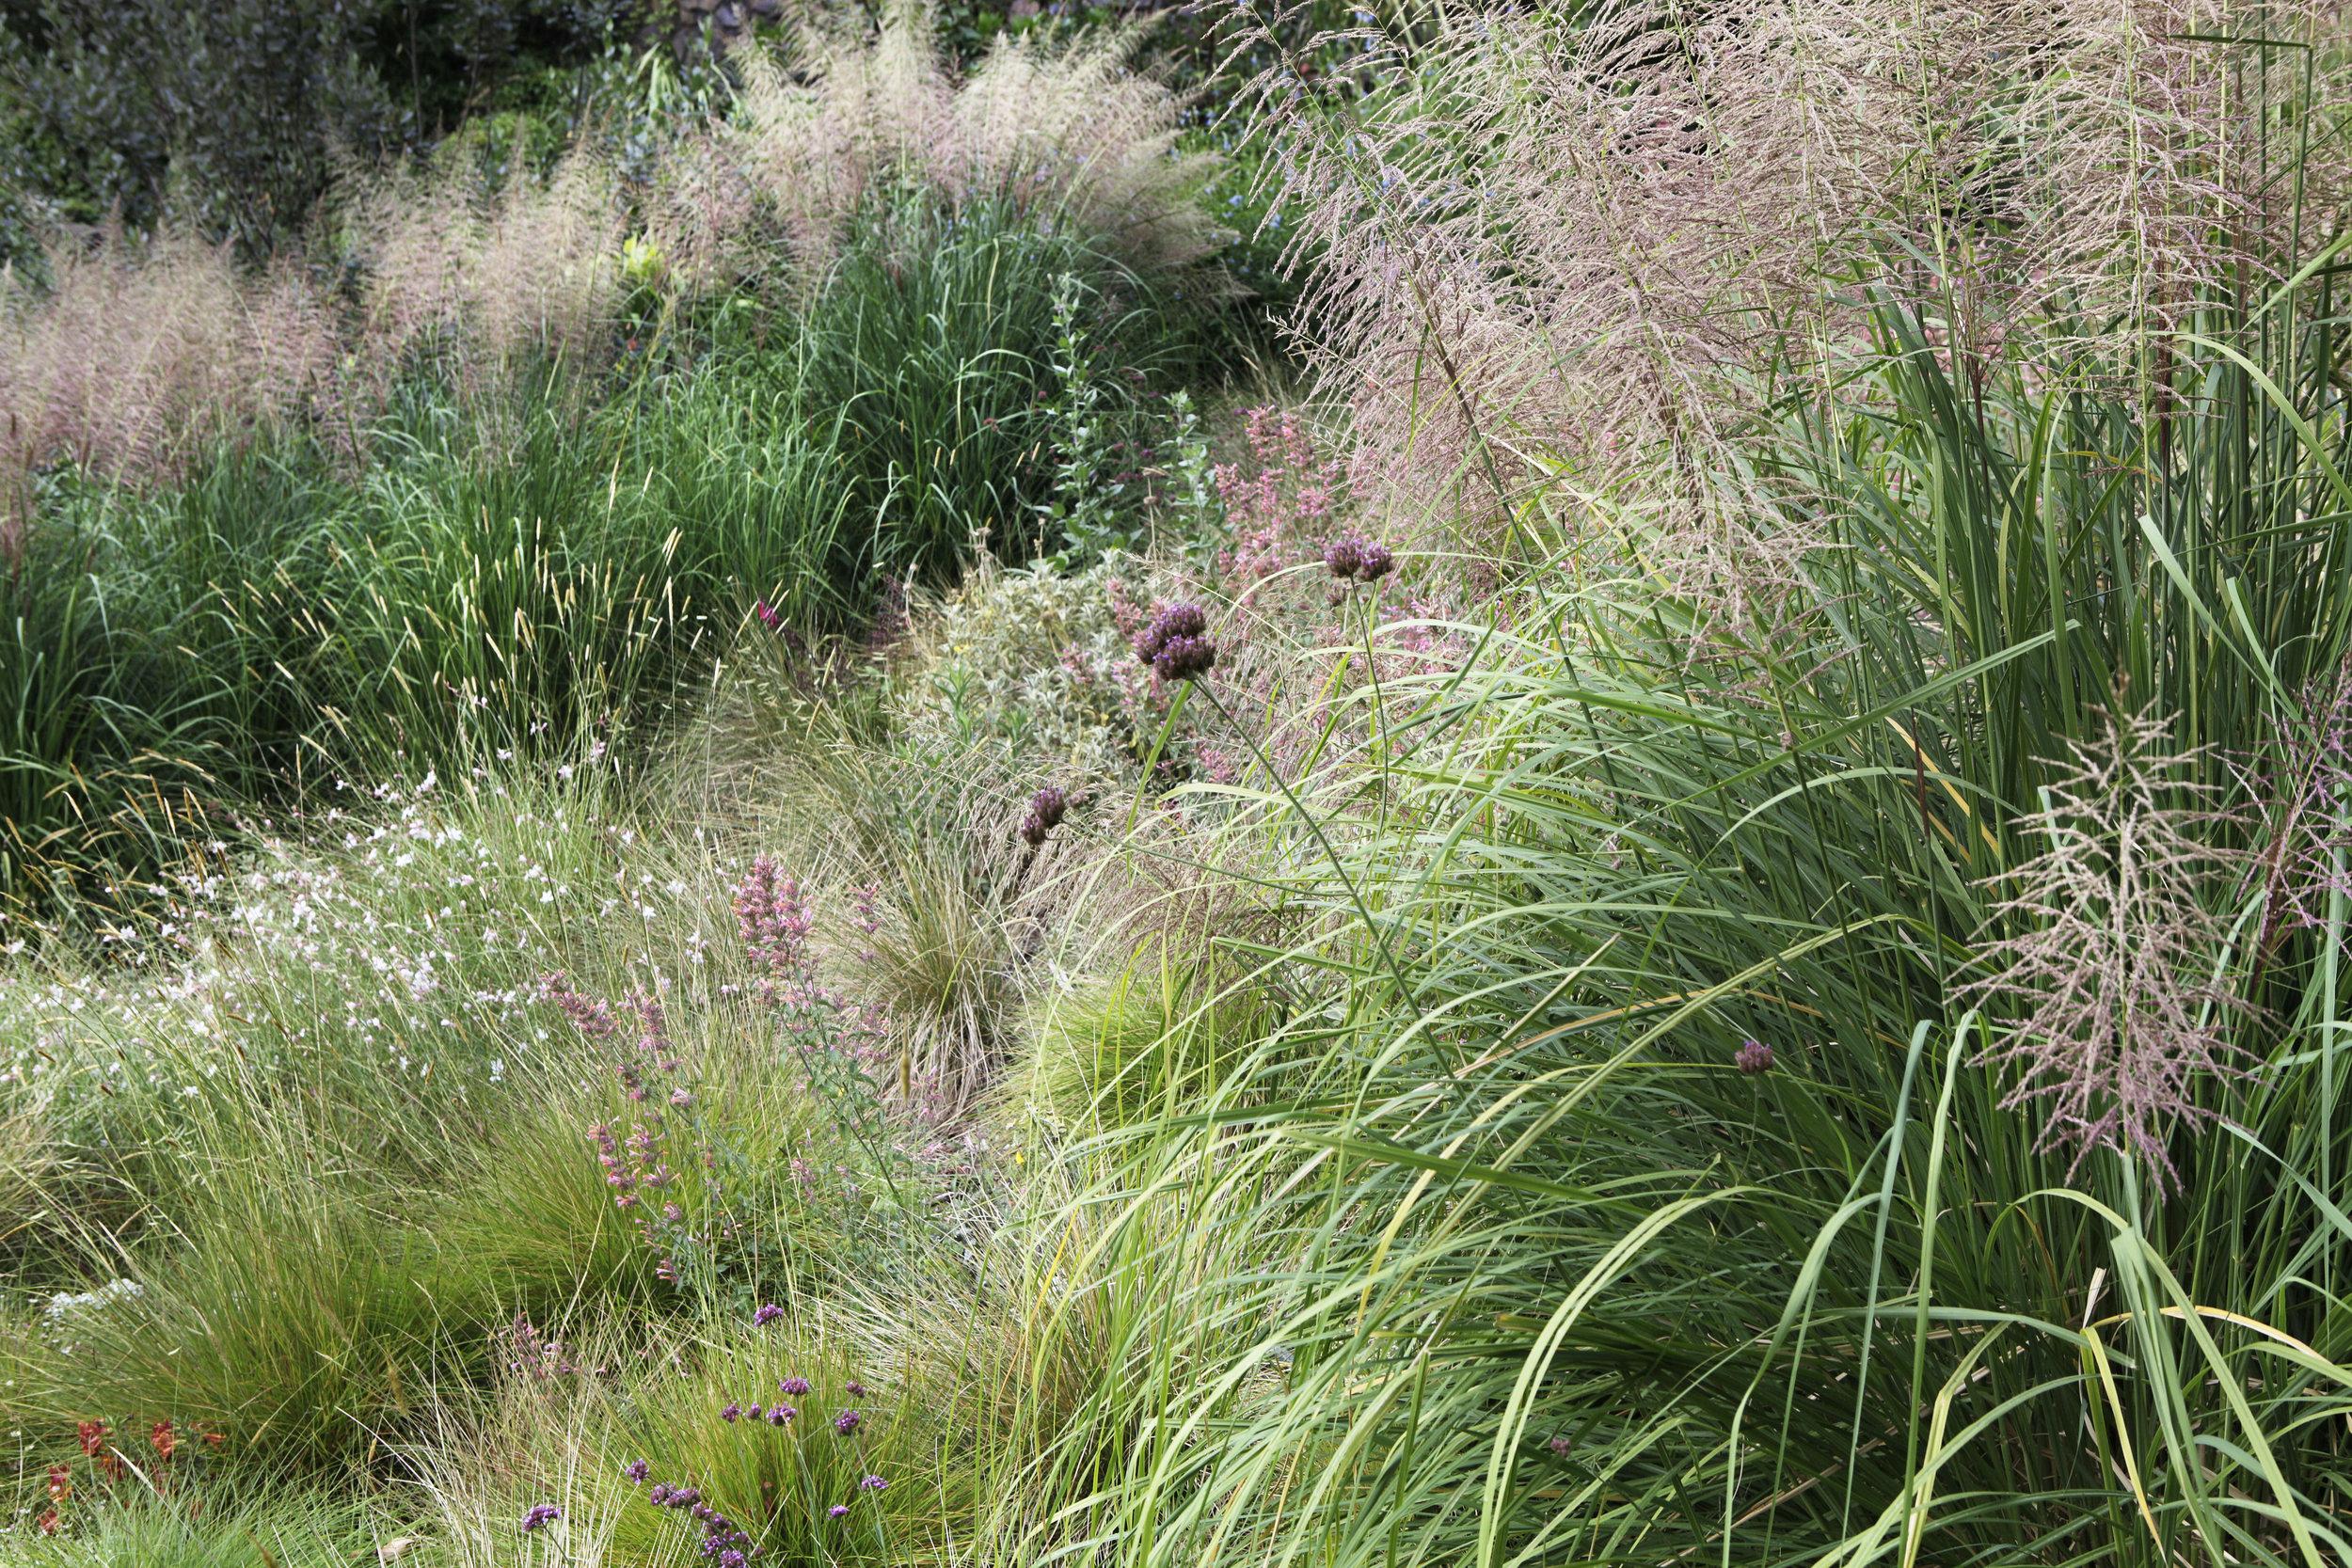 Meador grass garden with Chrysopogon zizanioides and Verbena bonariensis - Topanga Canyon - Los Angeles garden design by Campion Walker Landscapes